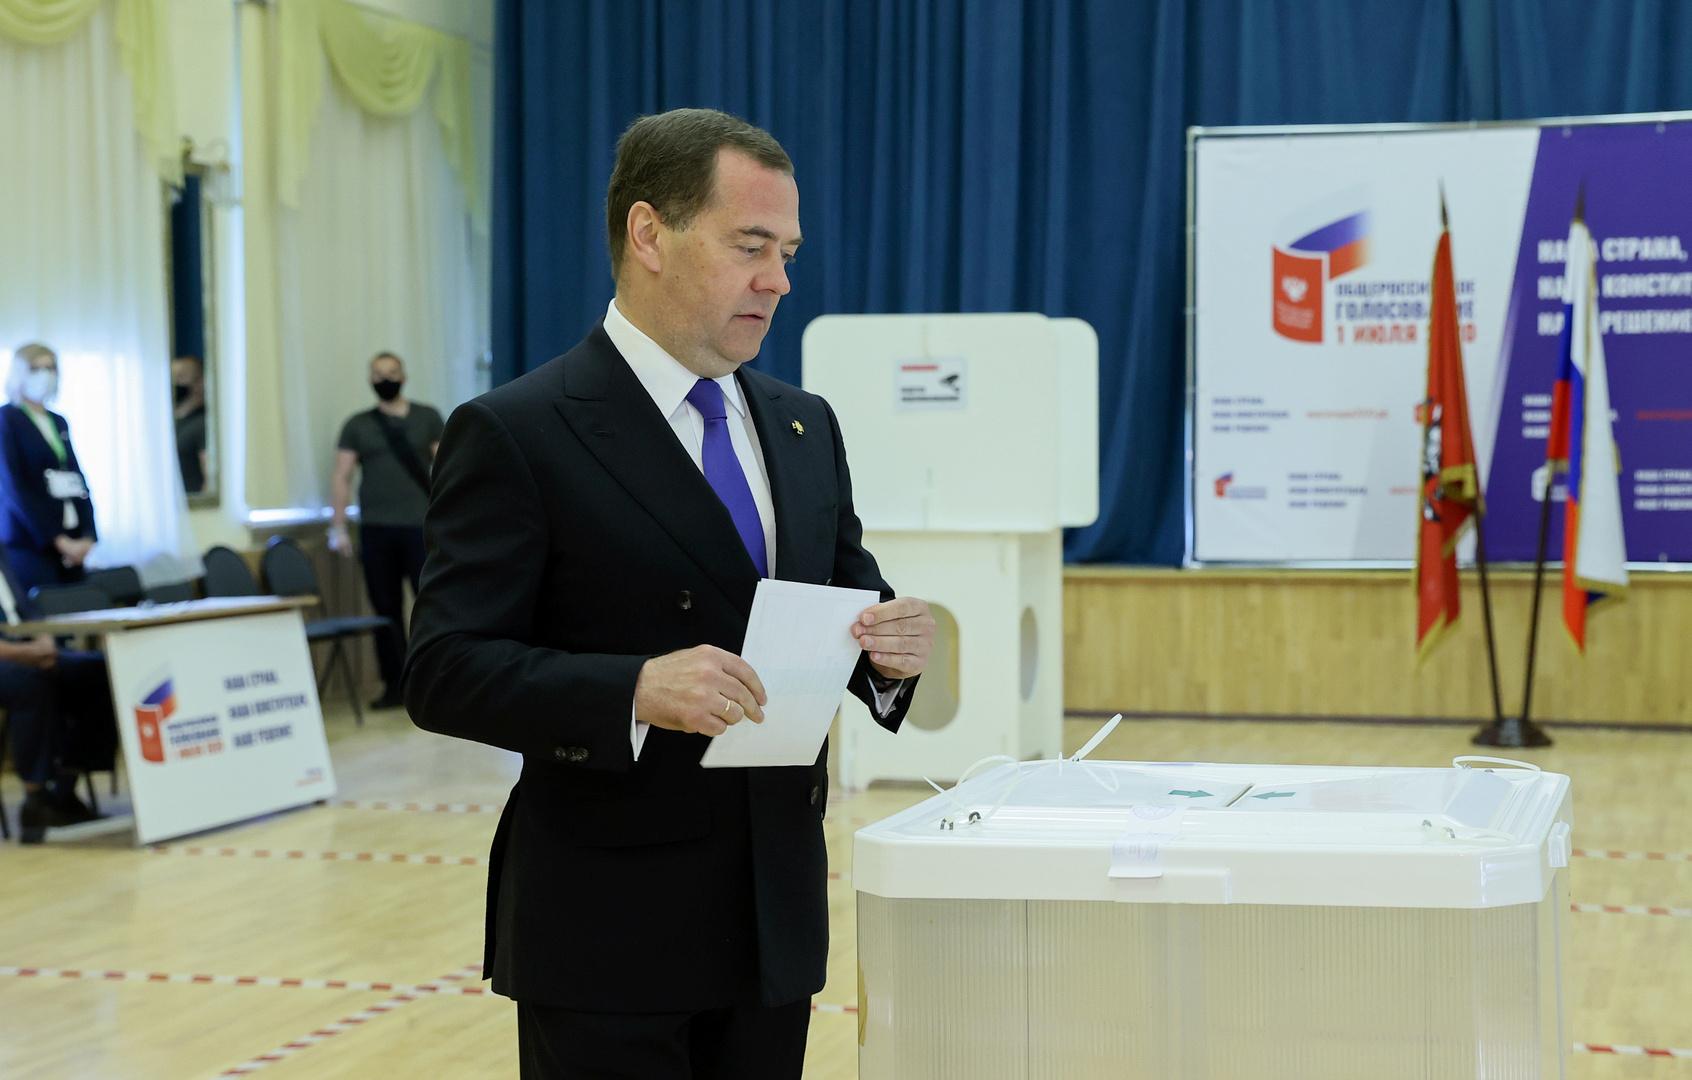 إعلان روسيا في الدستور الجديد حصنا للقيم العائلية